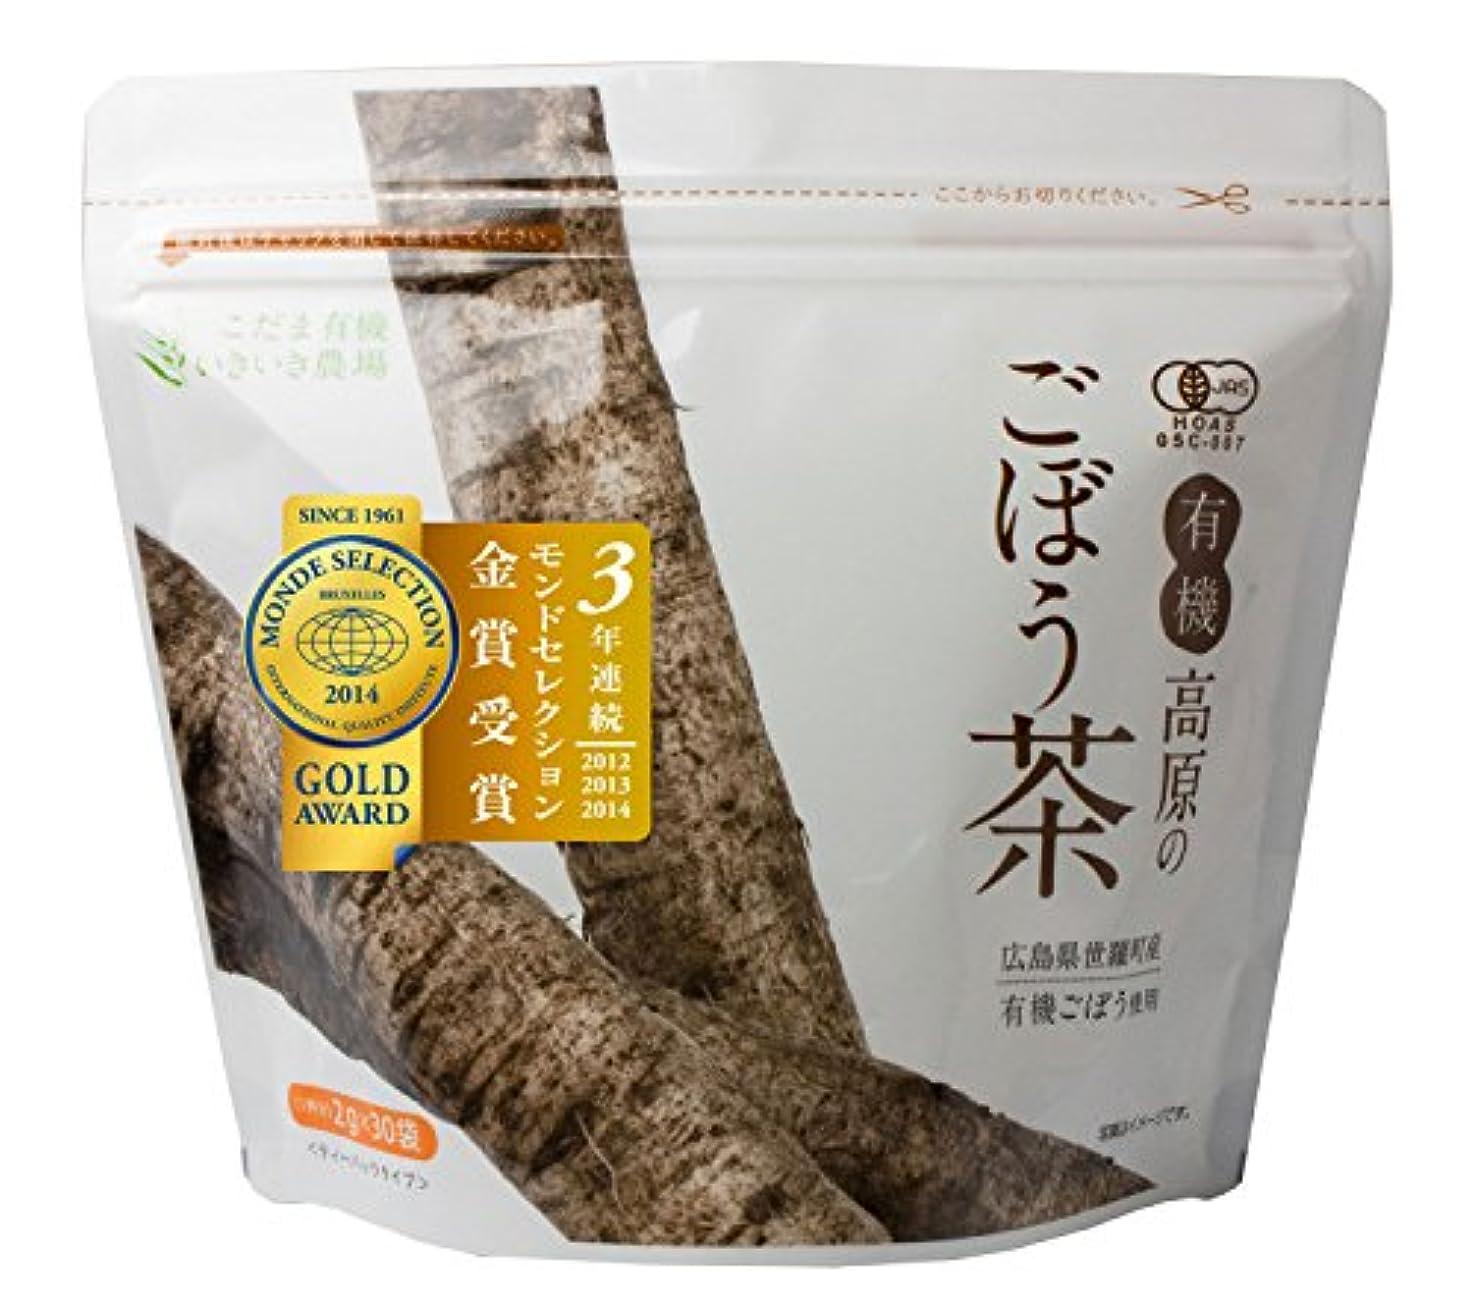 実り多い解凍する、雪解け、霜解け原油こだま食品 有機高原のごぼう茶 2g×30袋 311037001